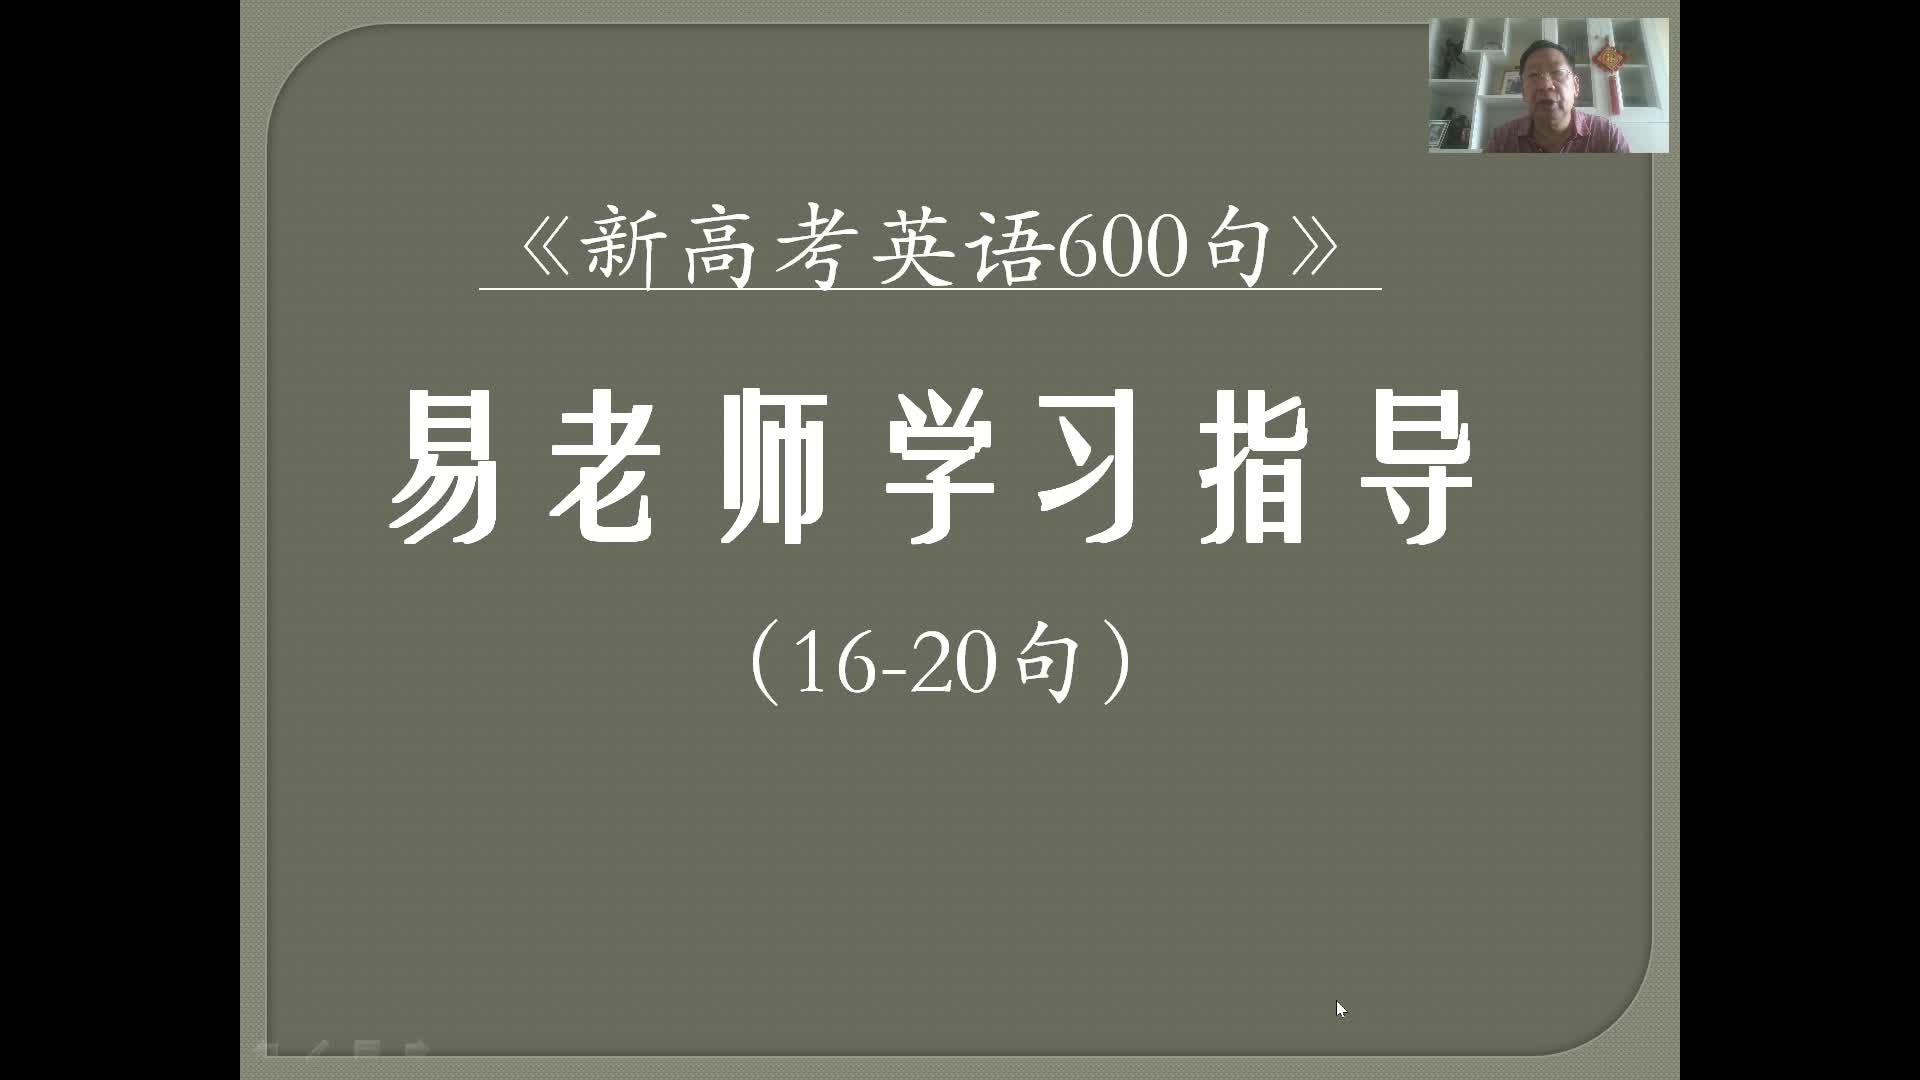 易仁荣英语《 新高考英语600句》第16-20句学习指导 - 易仁荣英语《 新高考英语600句》学习指导视频